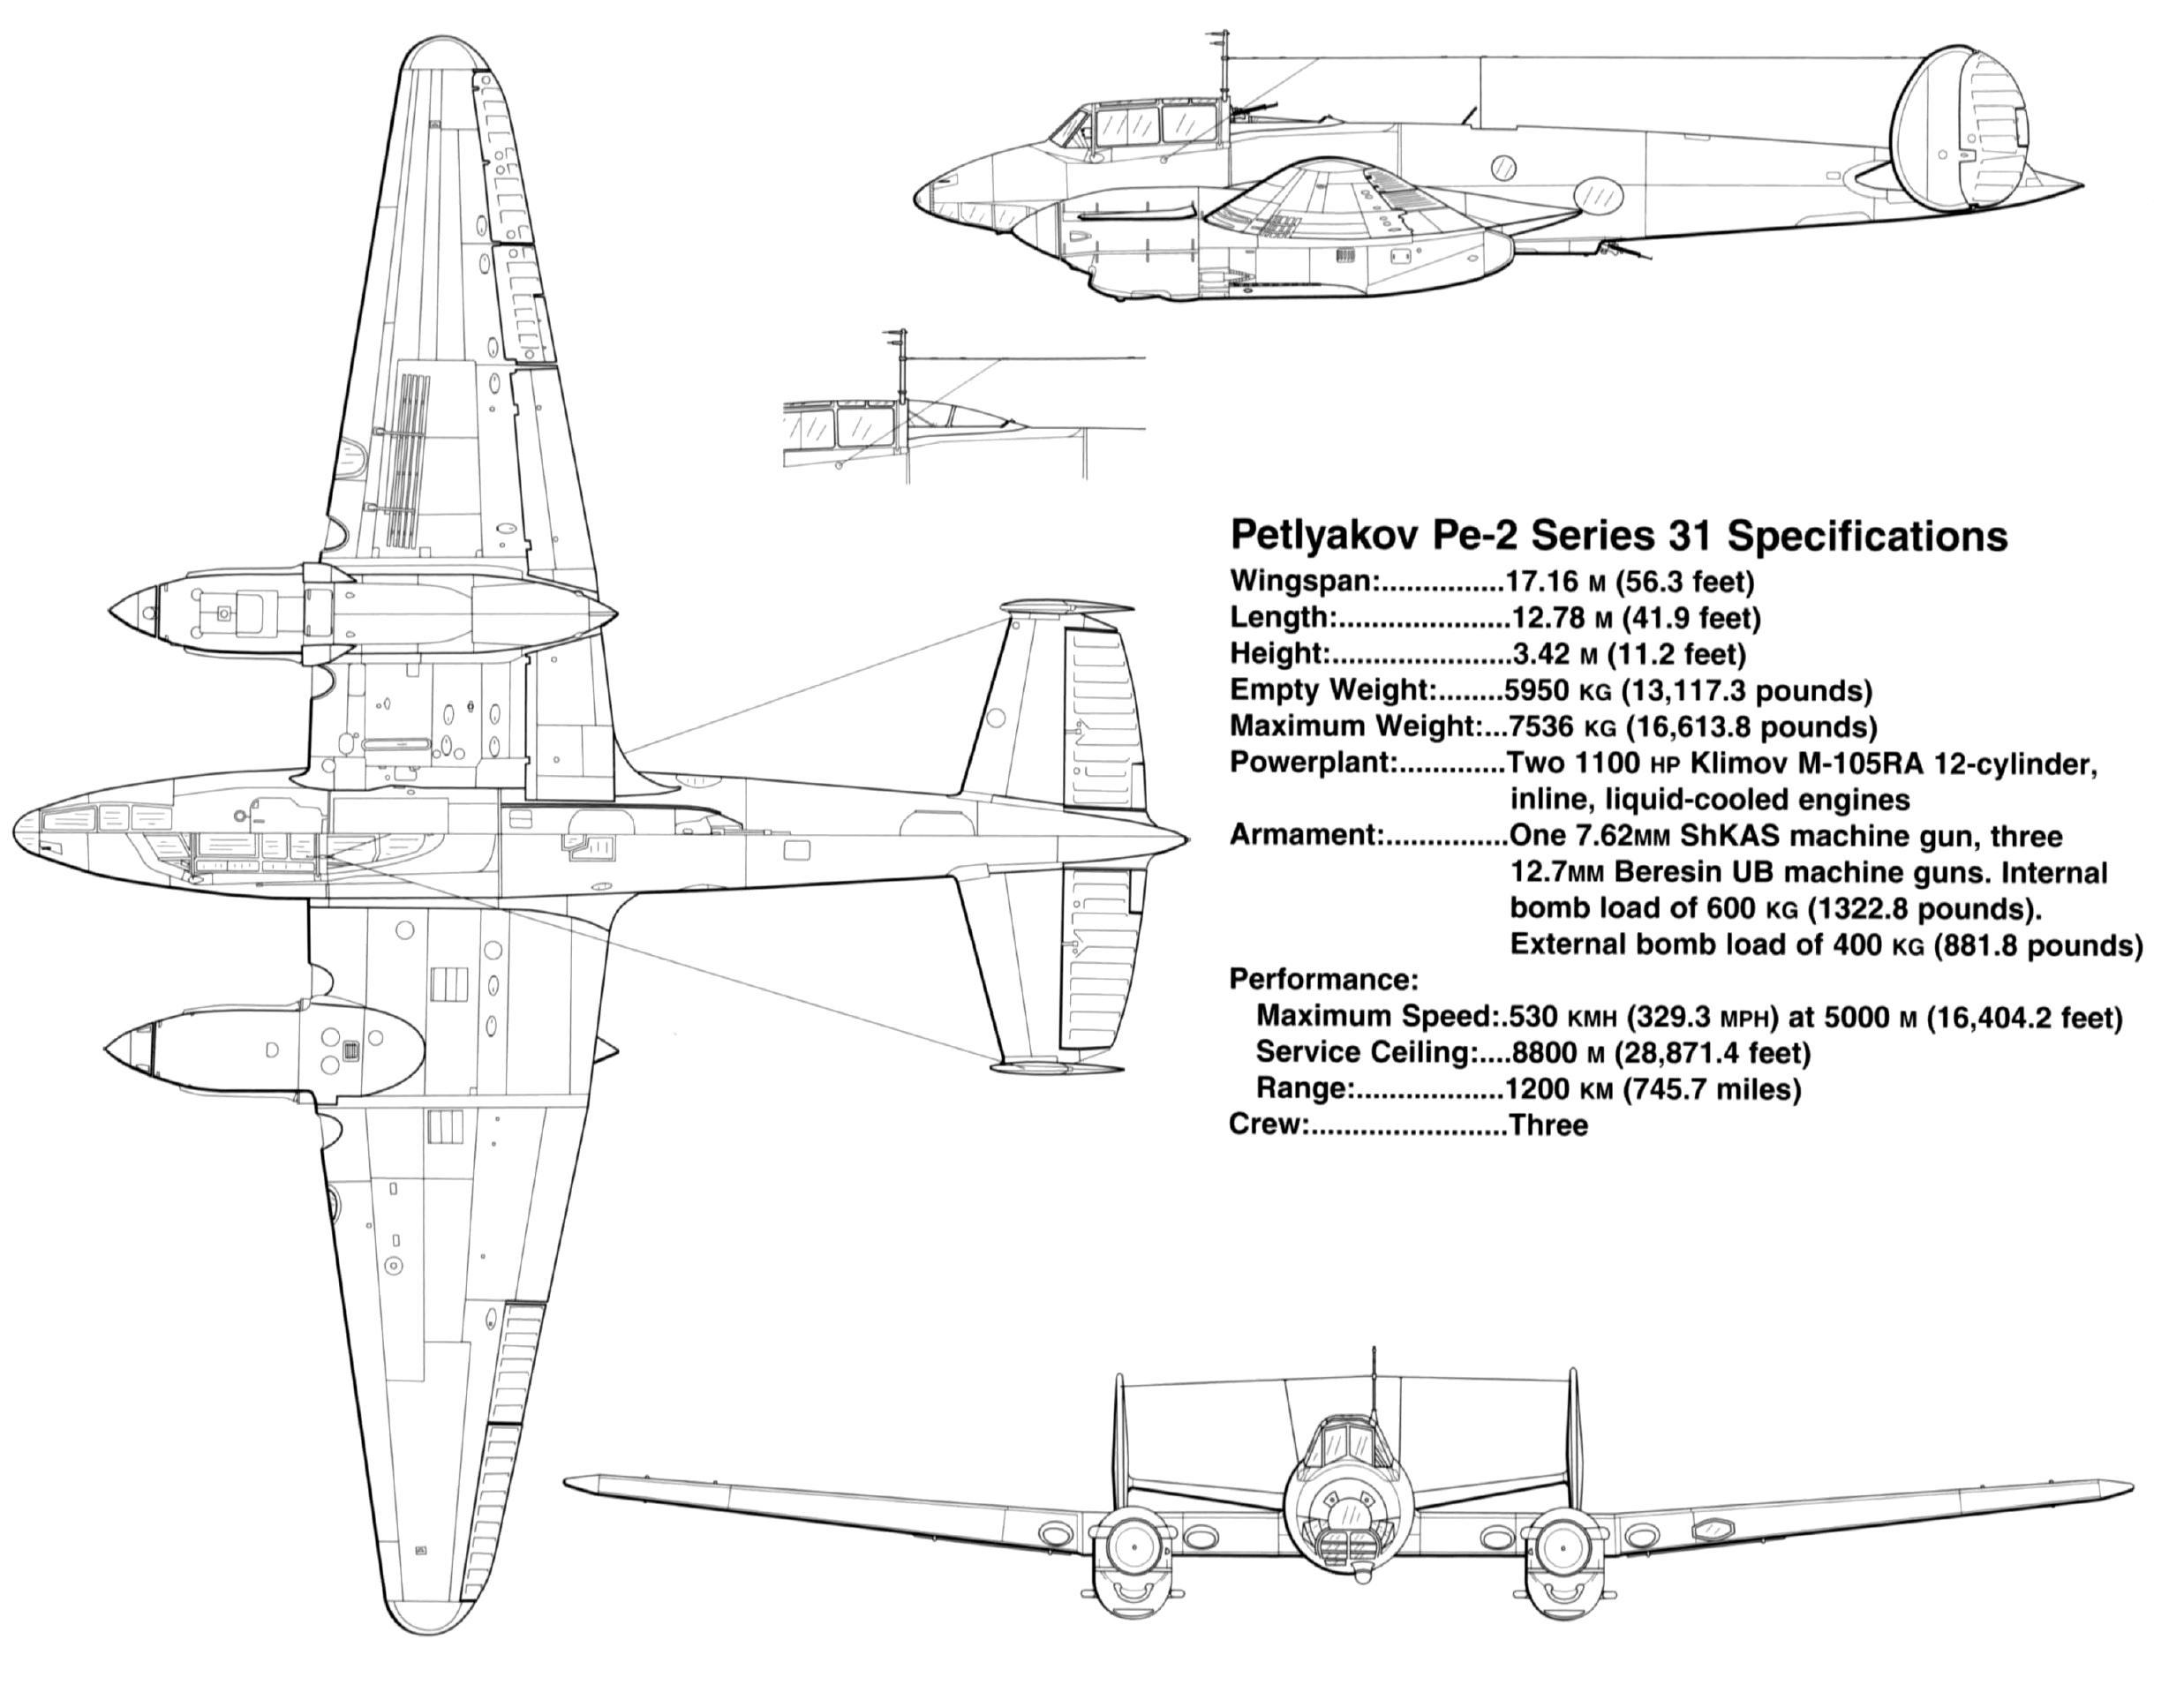 Petlyakov Pe 2 type 31 specifications profiles by Signal Petlyakov Pe 2 SS1181 page P12